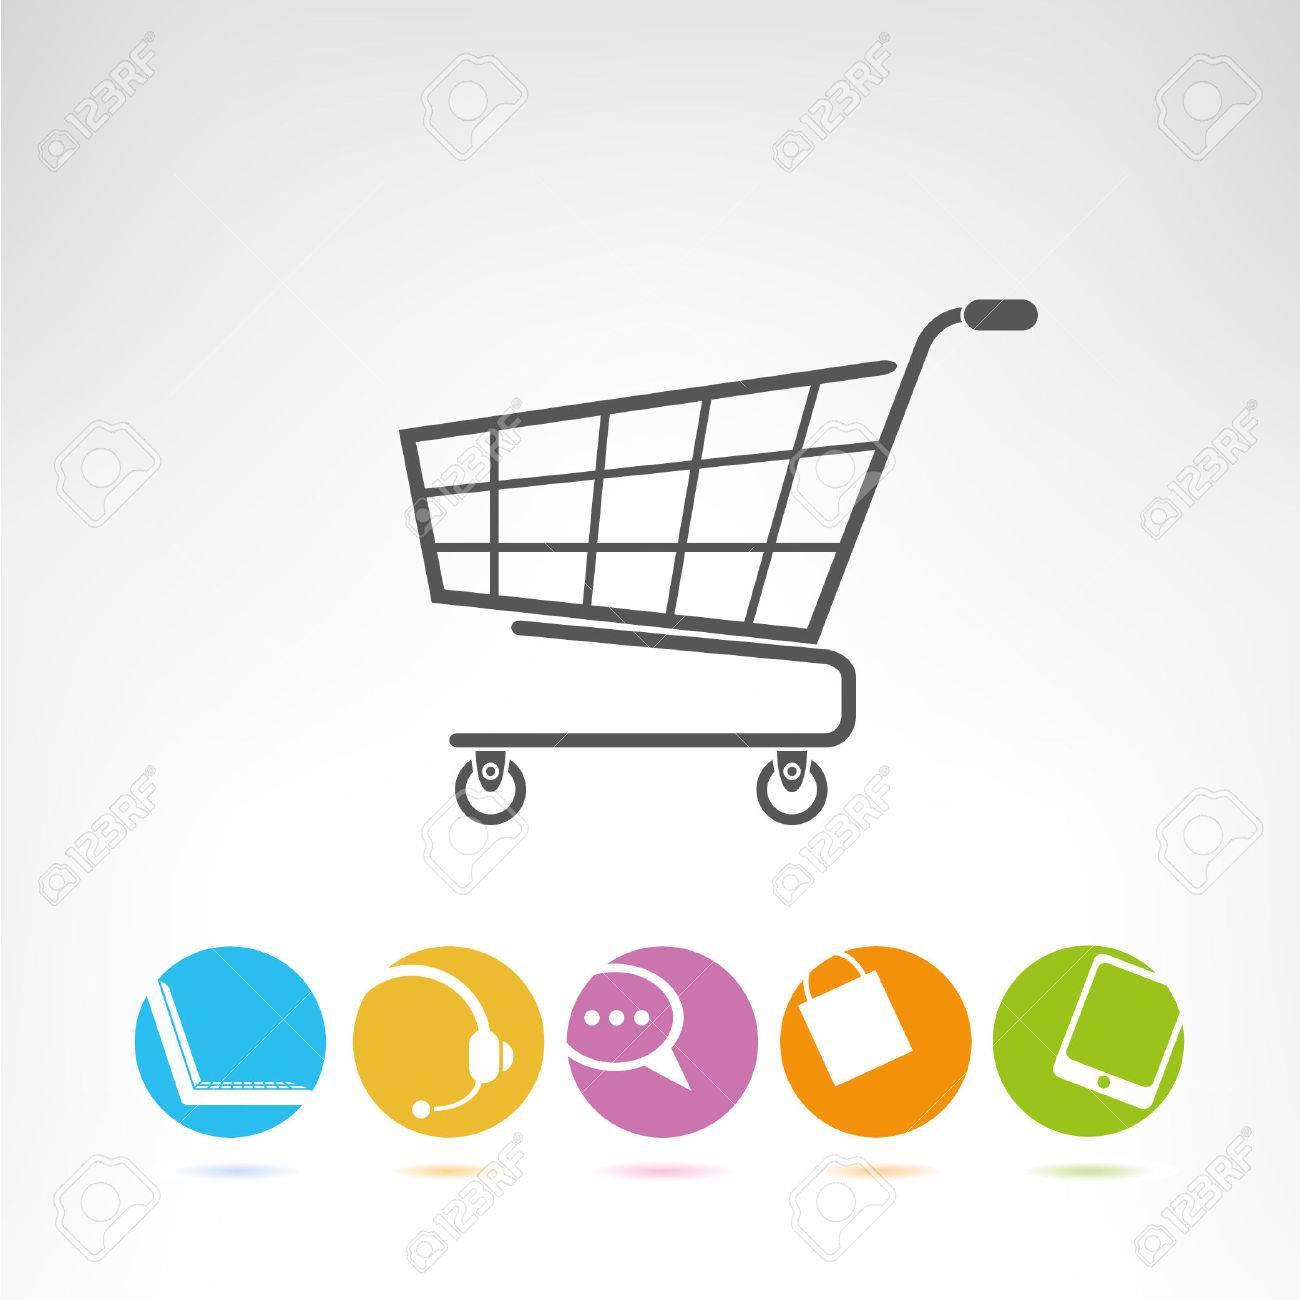 shopping cart, e commerce buttons - 23356134